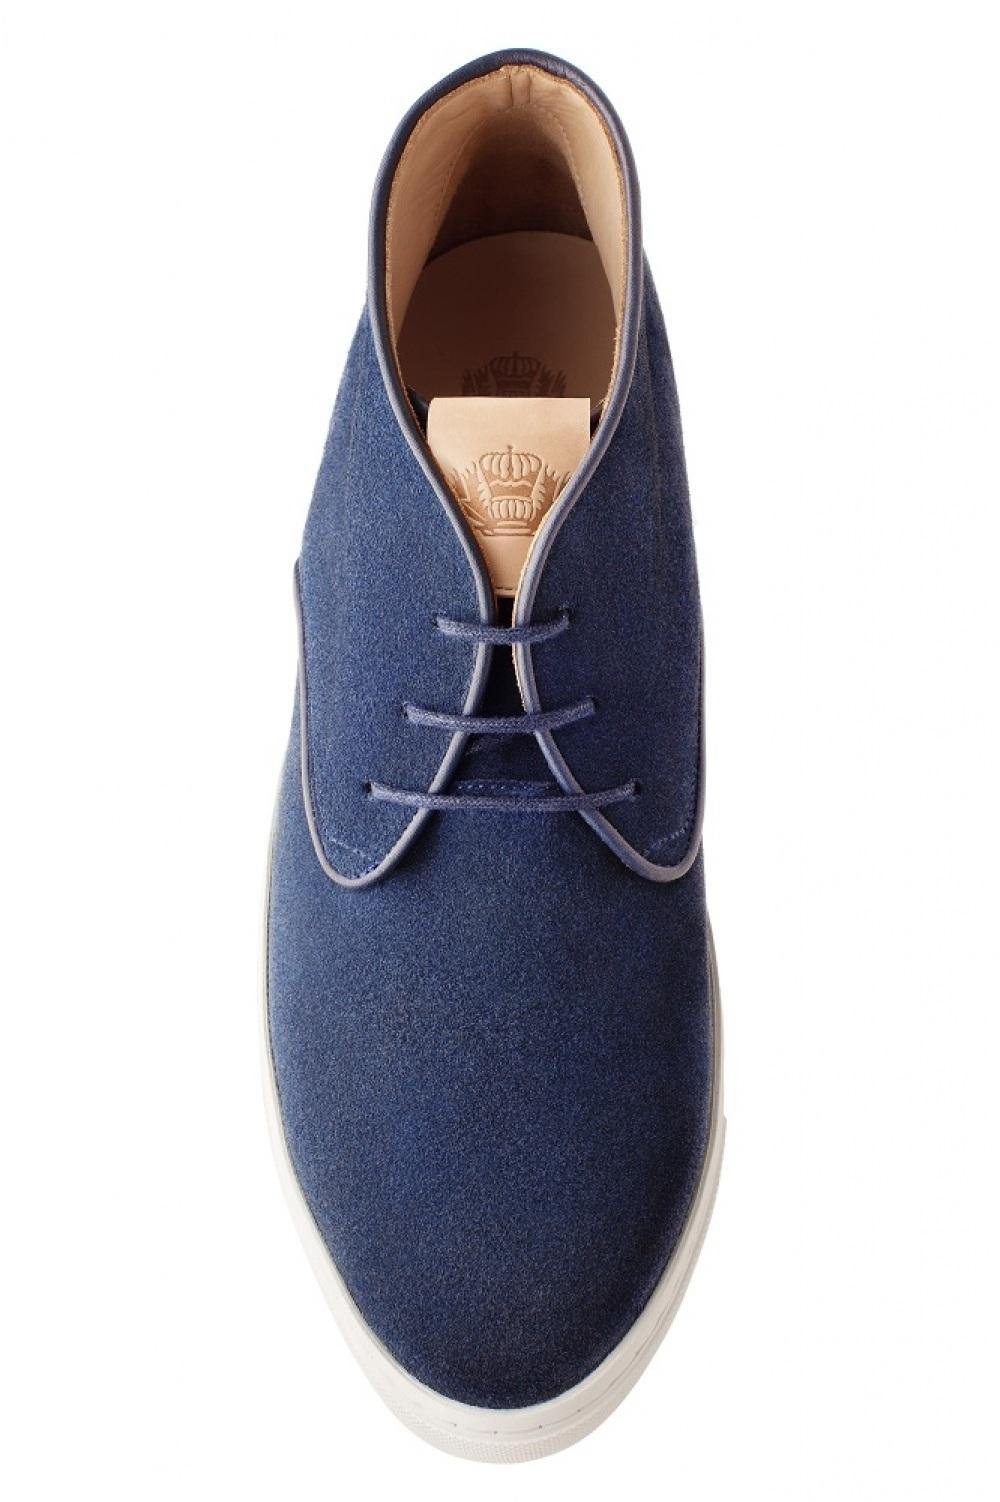 dernière conception style distinctif rechercher le dernier Cali daim bleu marine sneaker chaussure de ville pour homme